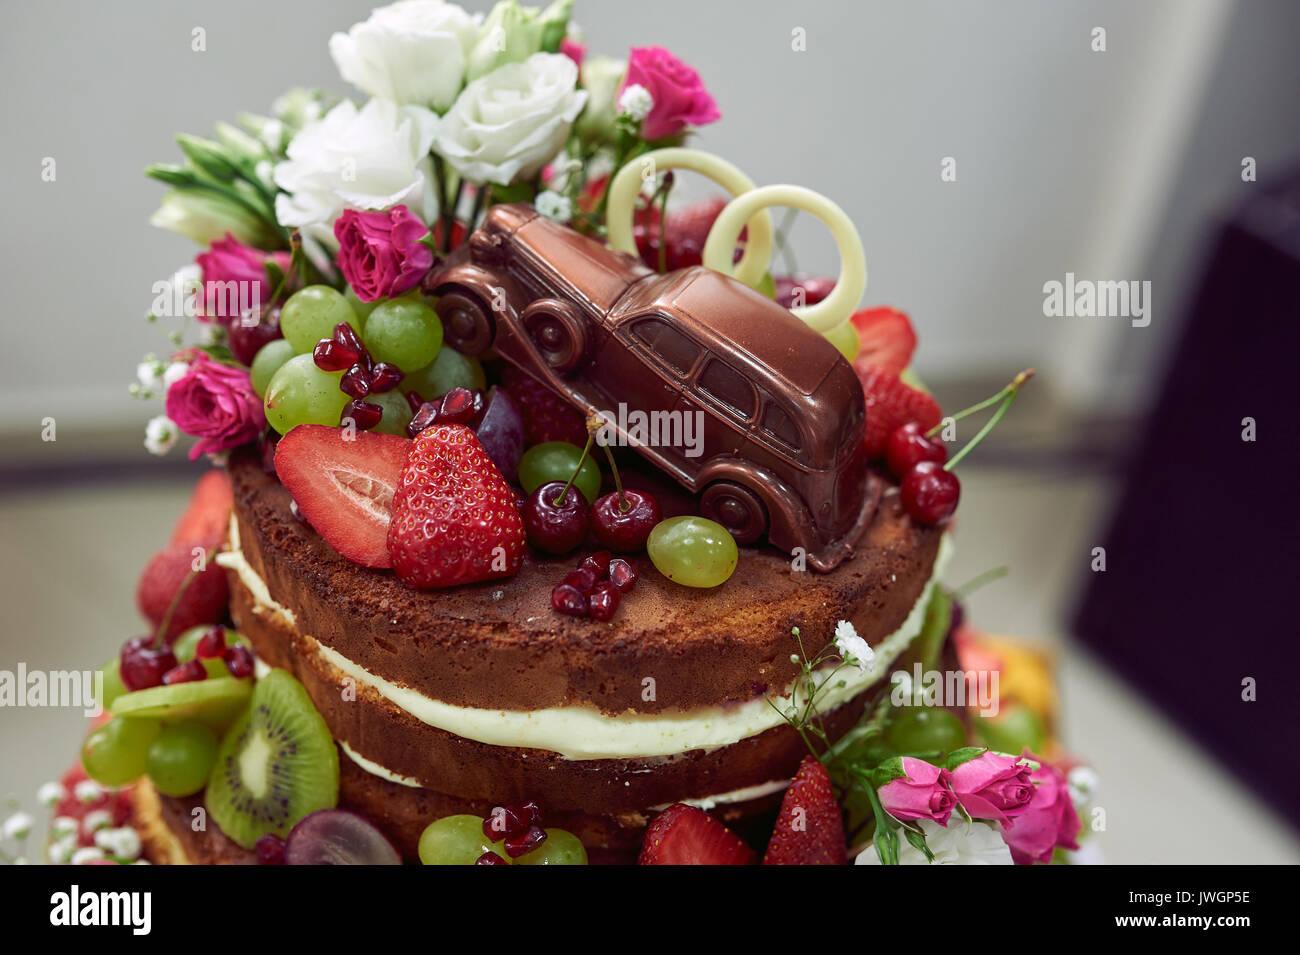 Hochzeitstorte Mit Einer Schokolade Auto Stockfoto Bild 153417978